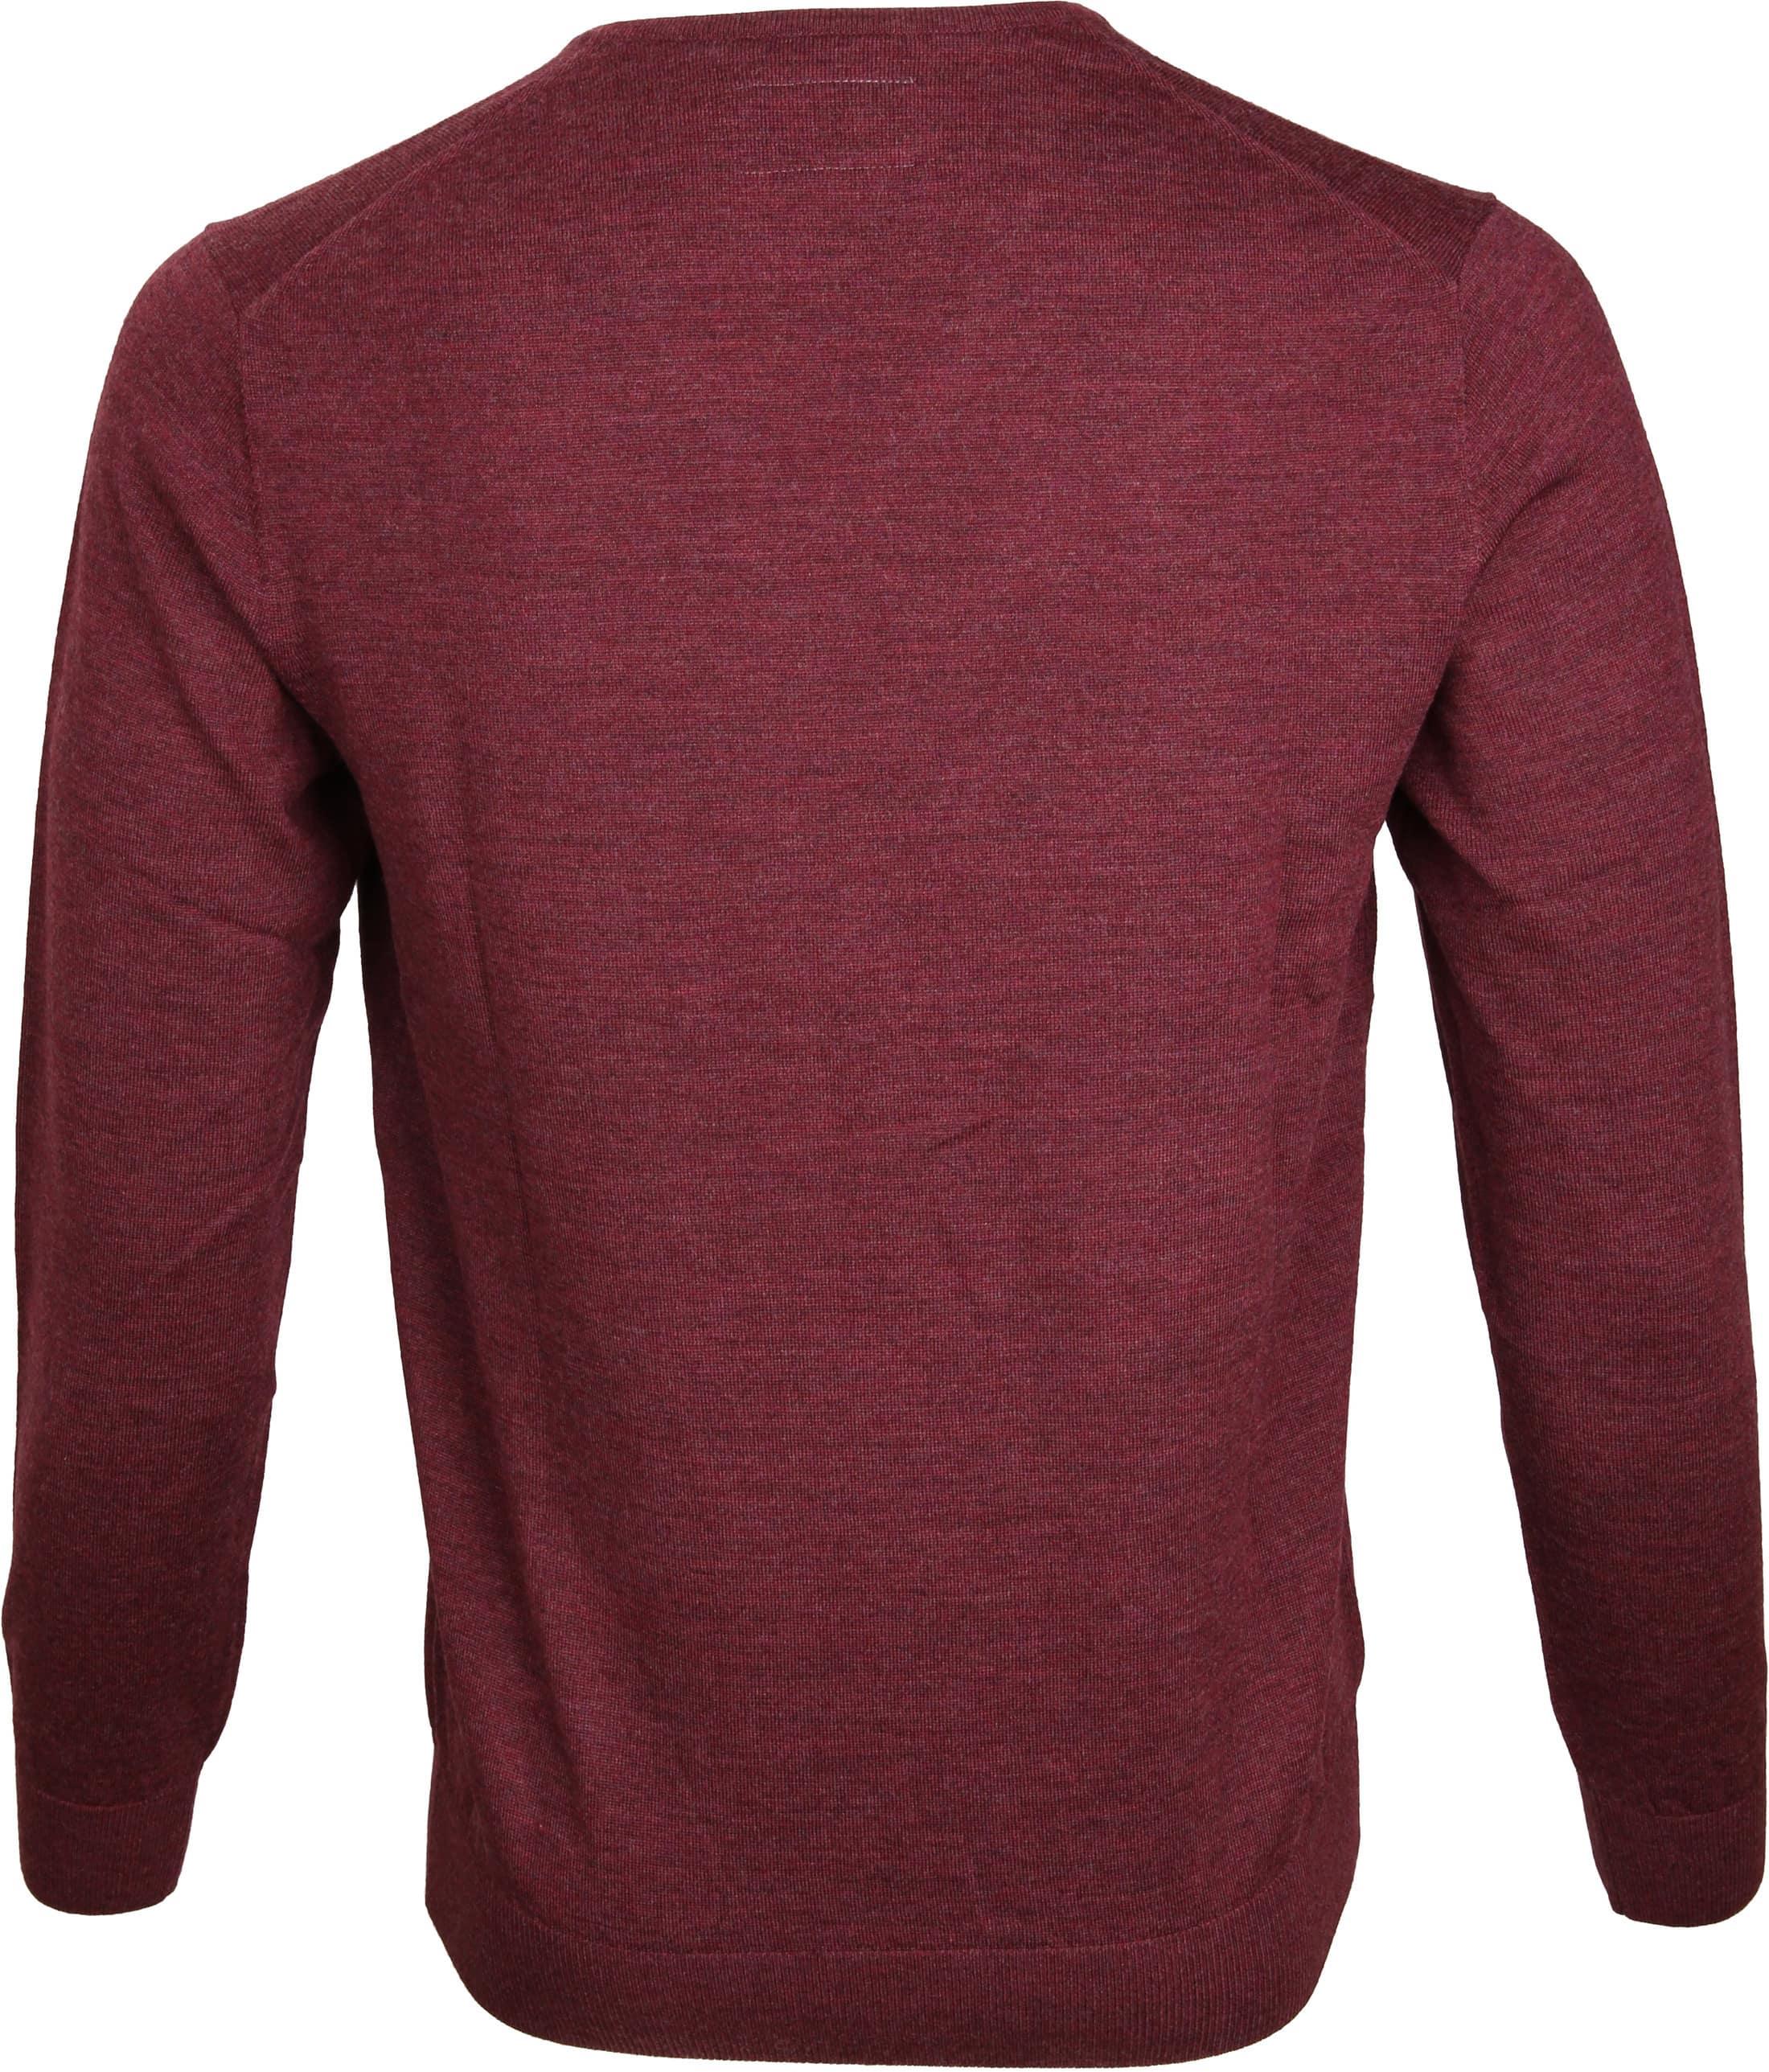 Suitable Prestige Pullover V-Ausschnitt Bordeaux foto 3